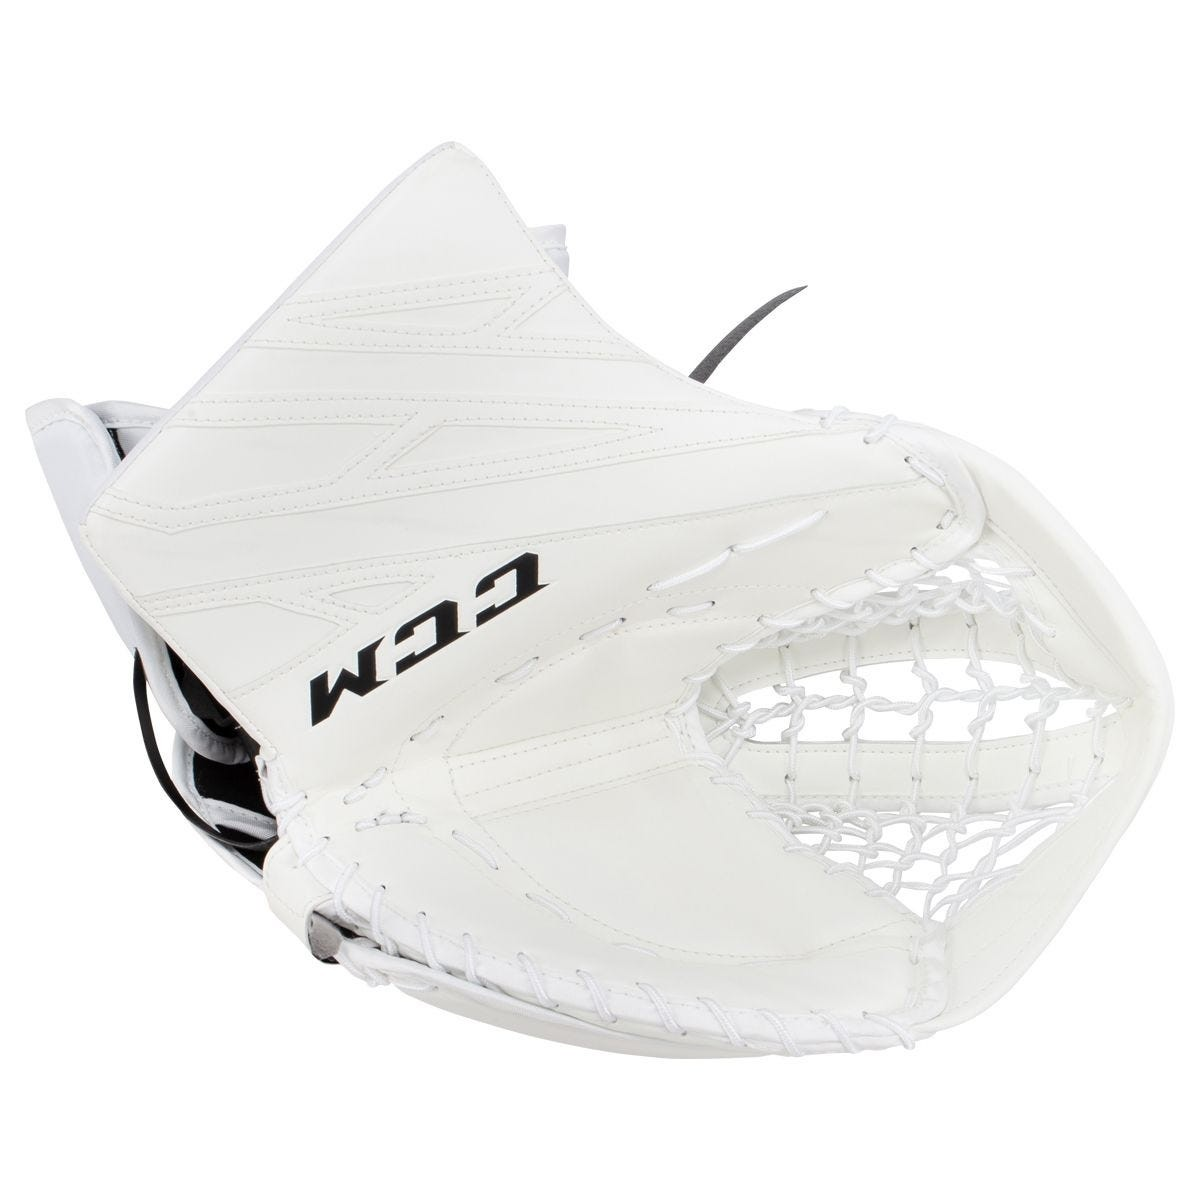 CCM Extreme Flex E4.5 Junior Goalie Glove